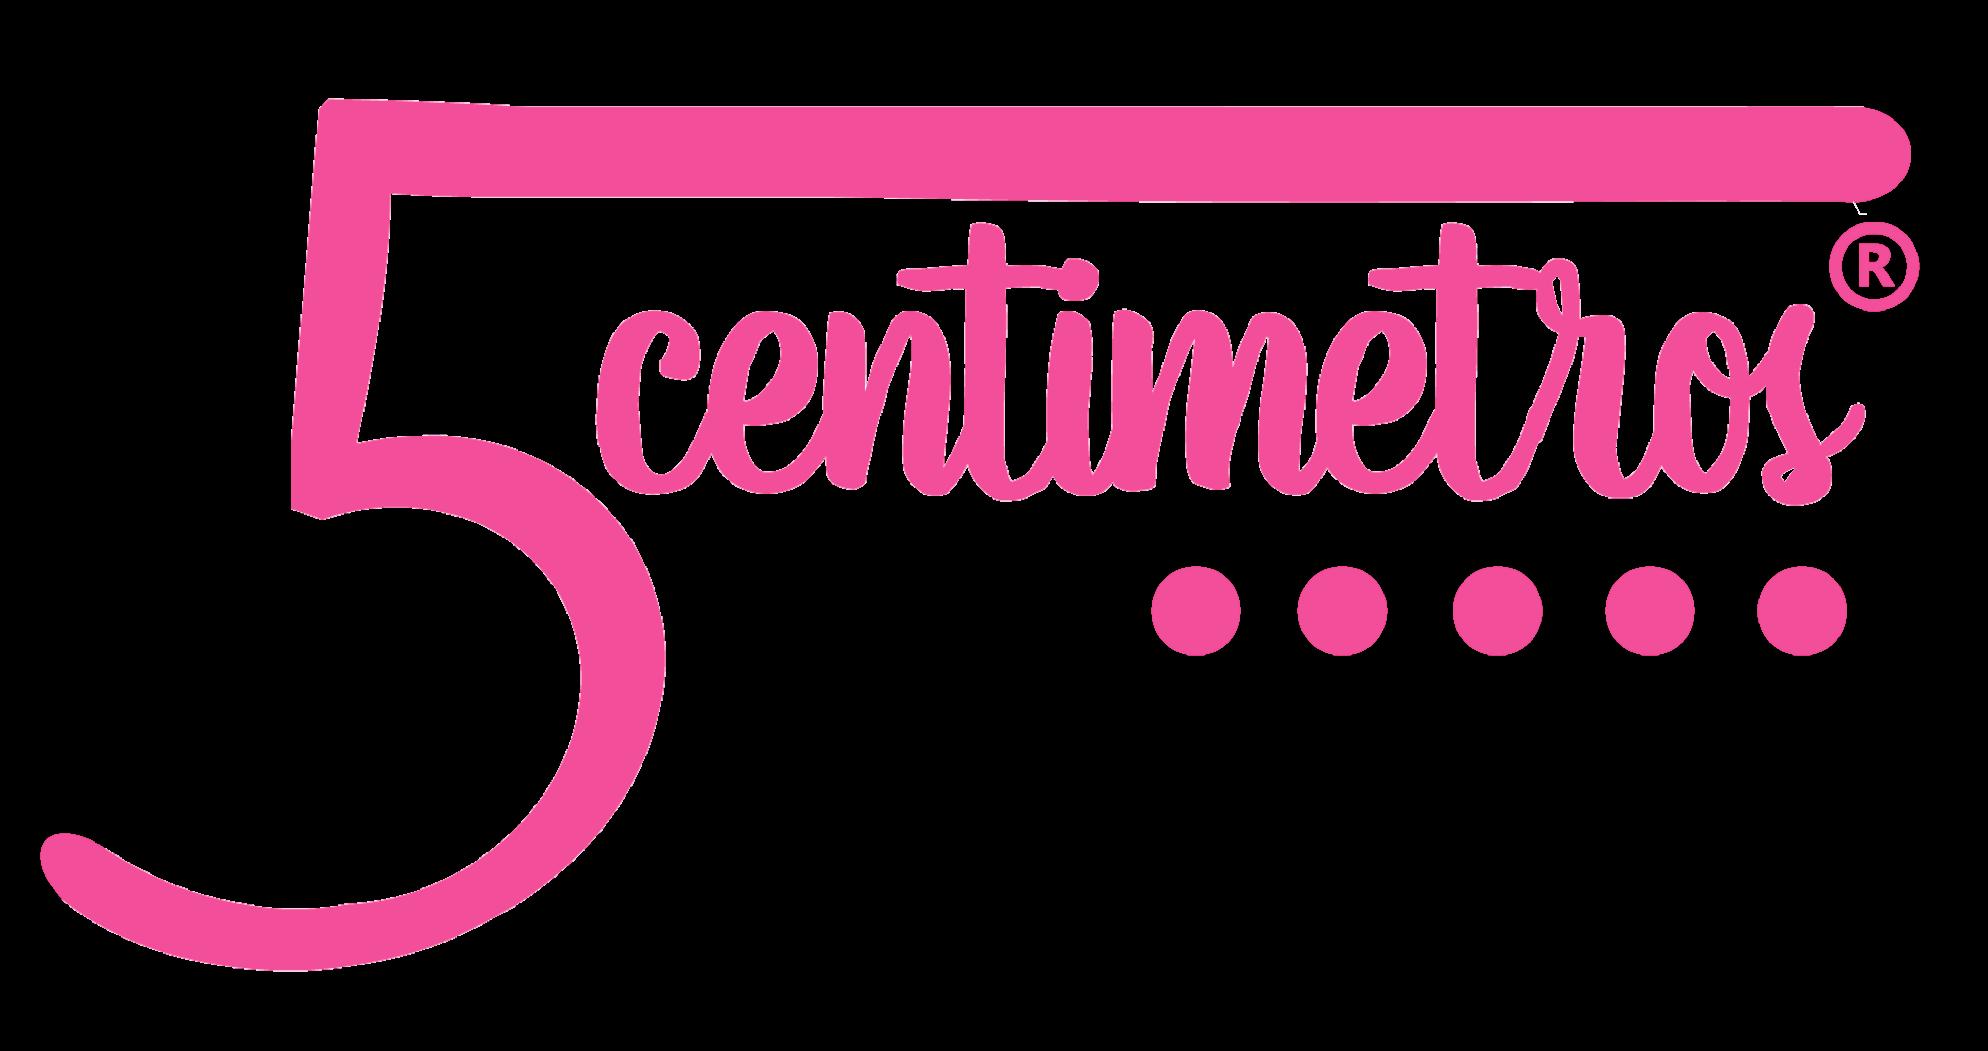 5centimetros